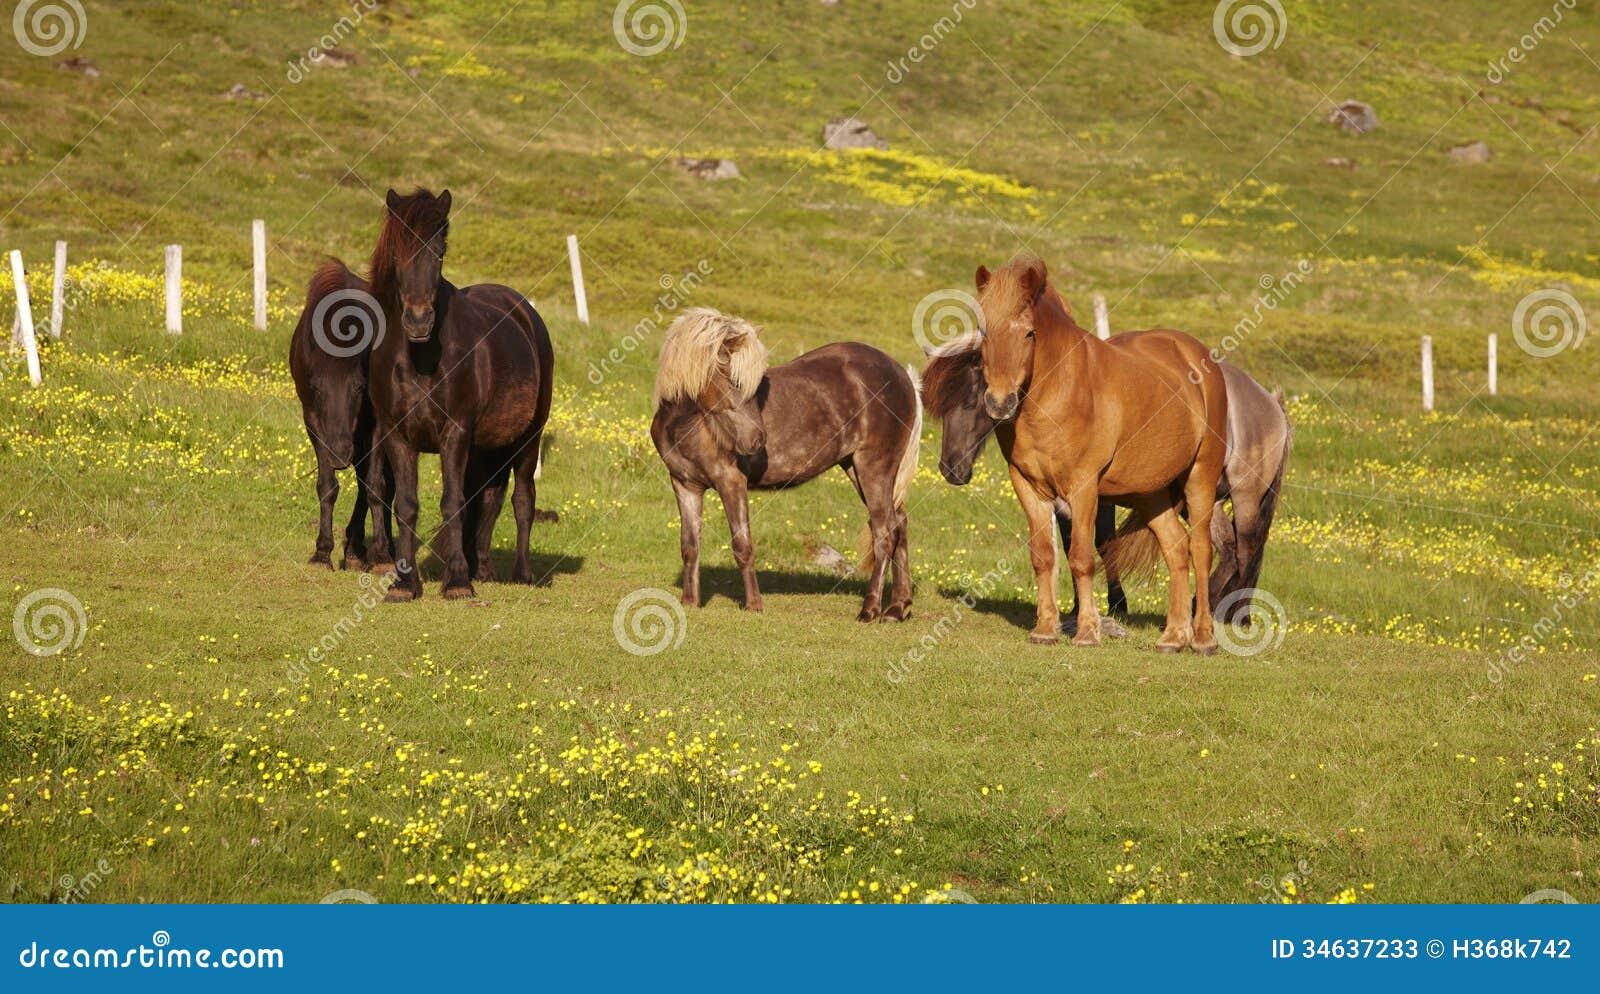 Islandia. Caballos islandeses que pastan en la hierba.